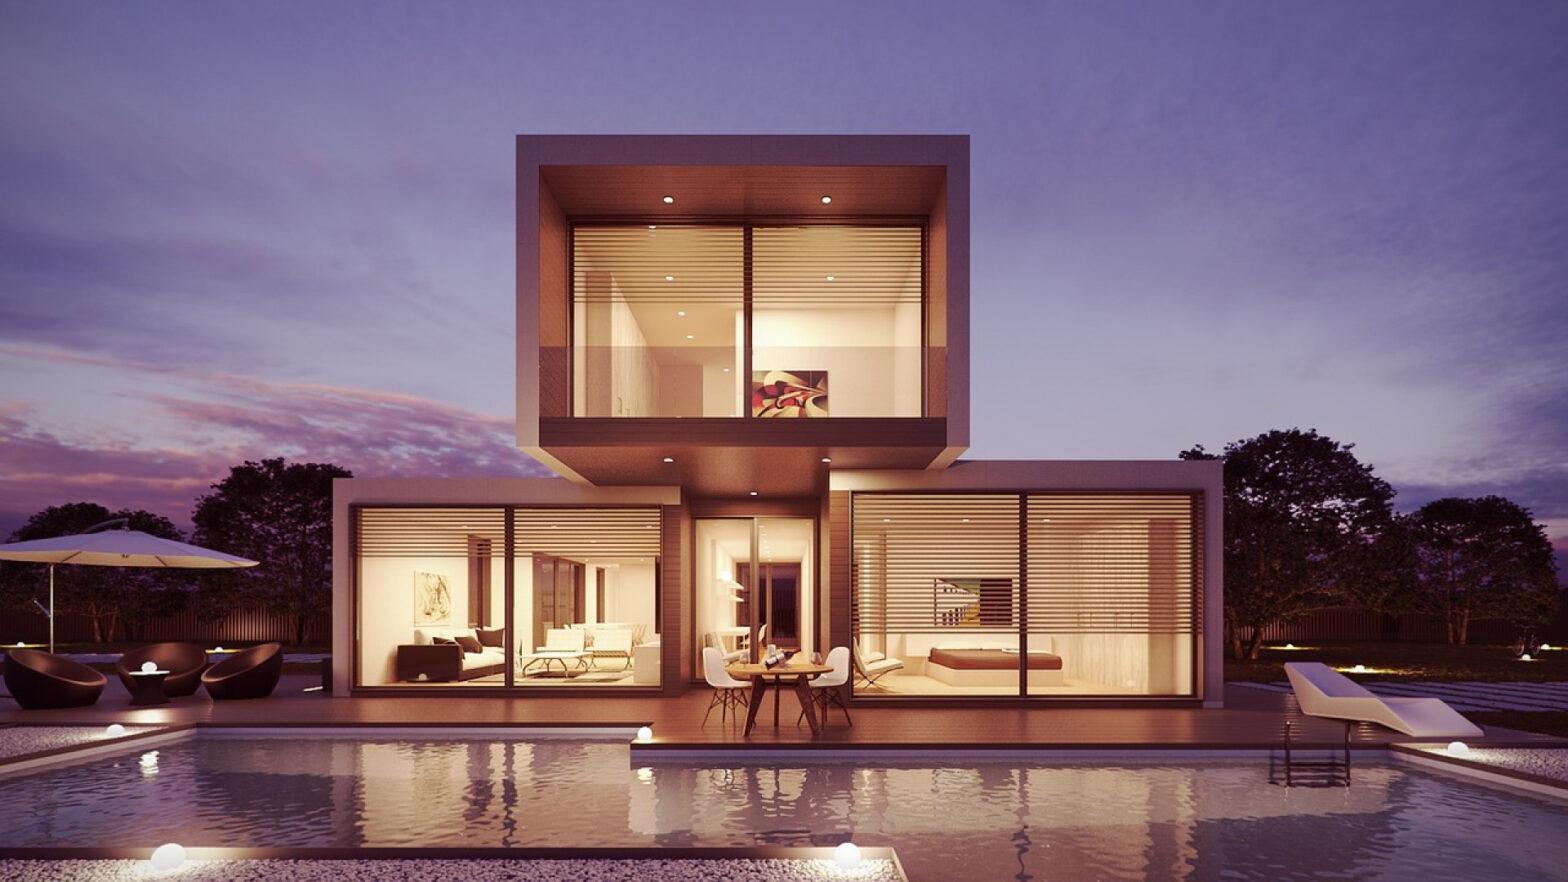 résidences des fortunés